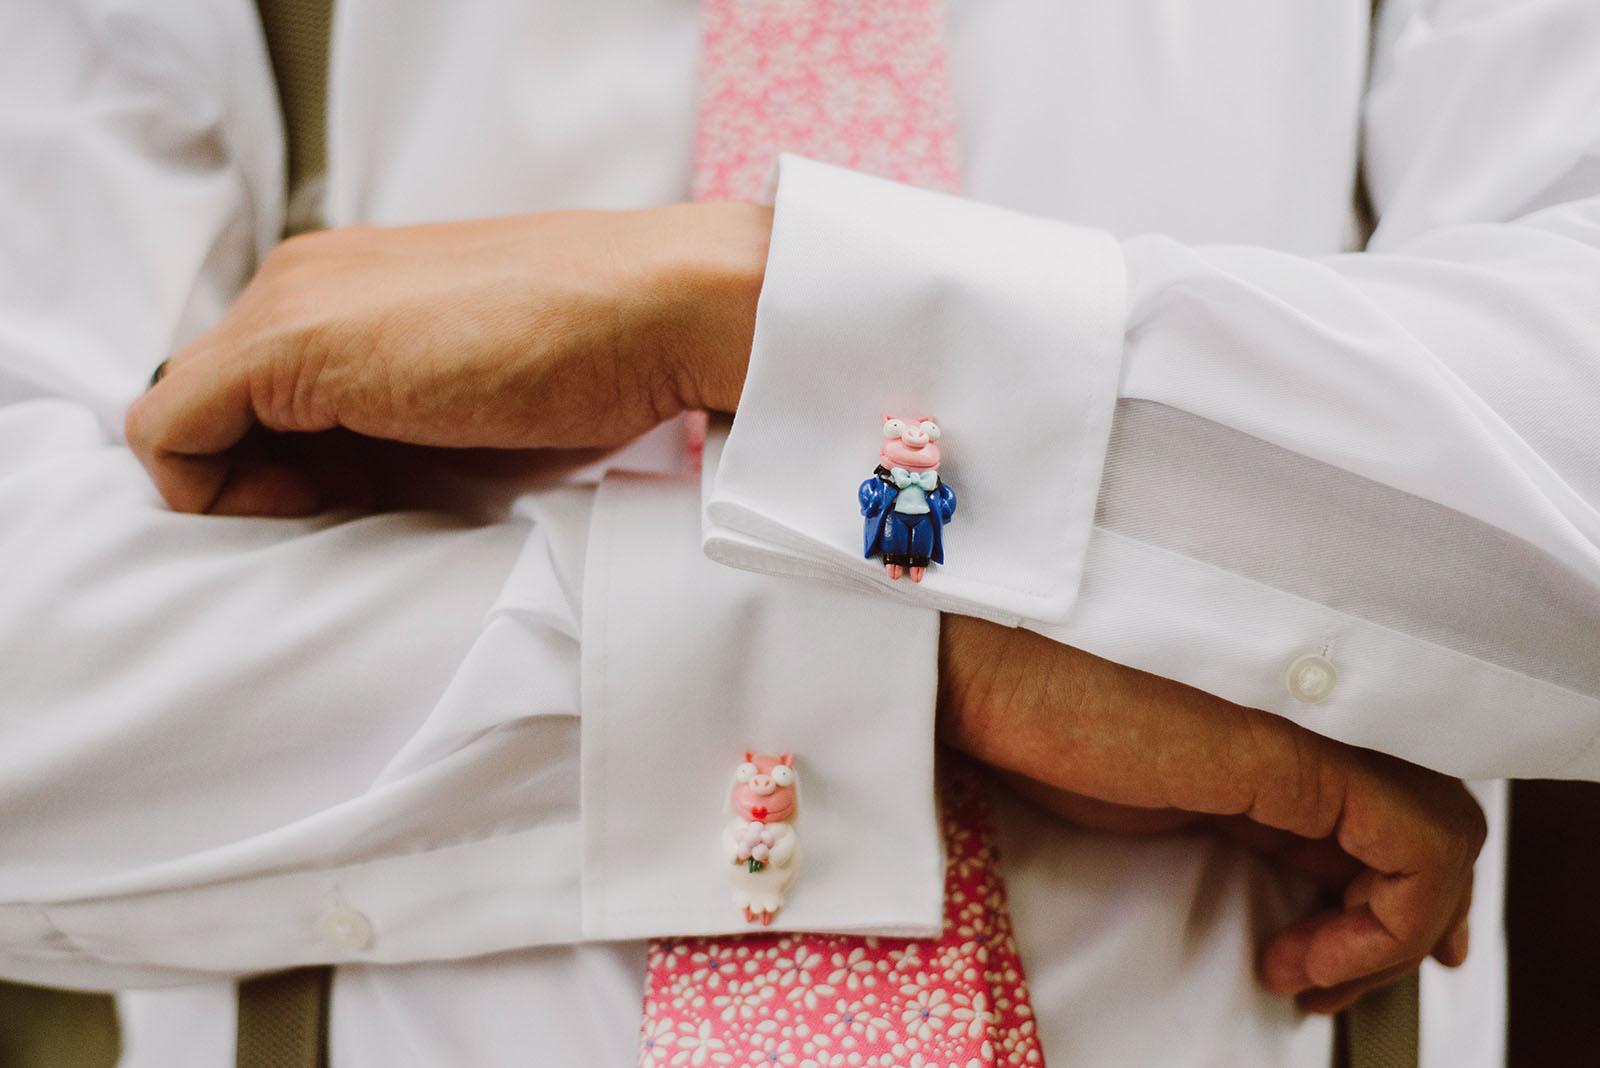 Simpsons piggy cufflinks | Downtown Portland Elopement